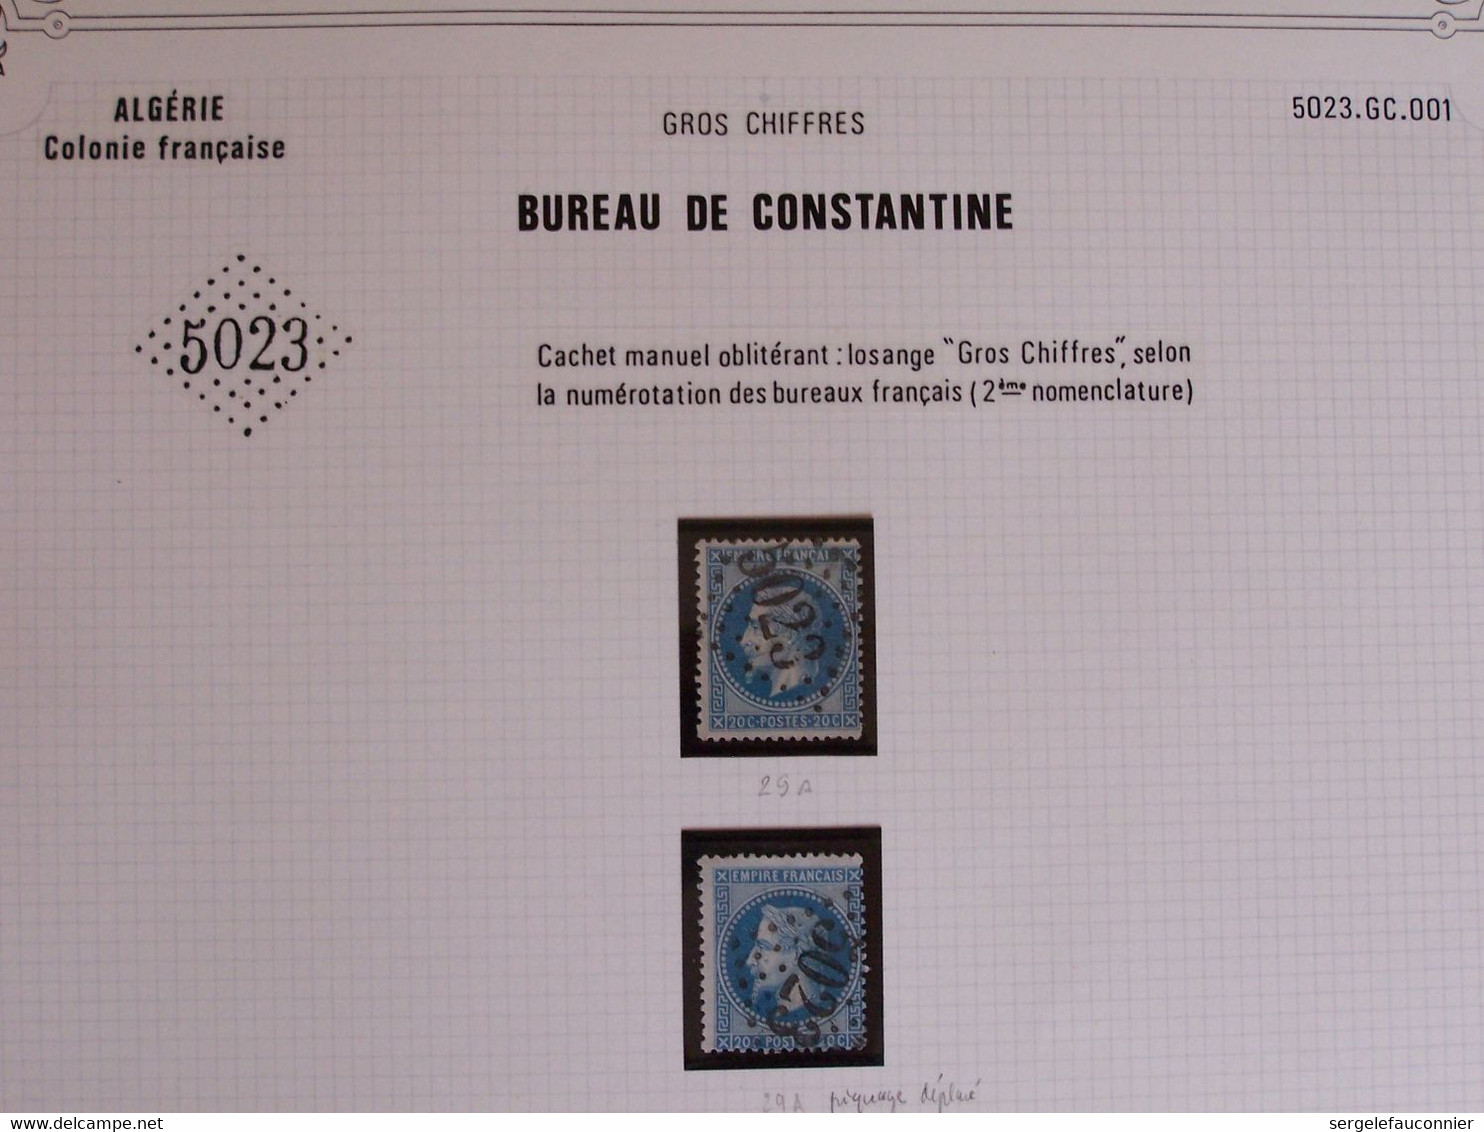 CLASSEUR ALGERIE COLONIE FRANCAISE 1830-1924 - Collezioni & Lotti